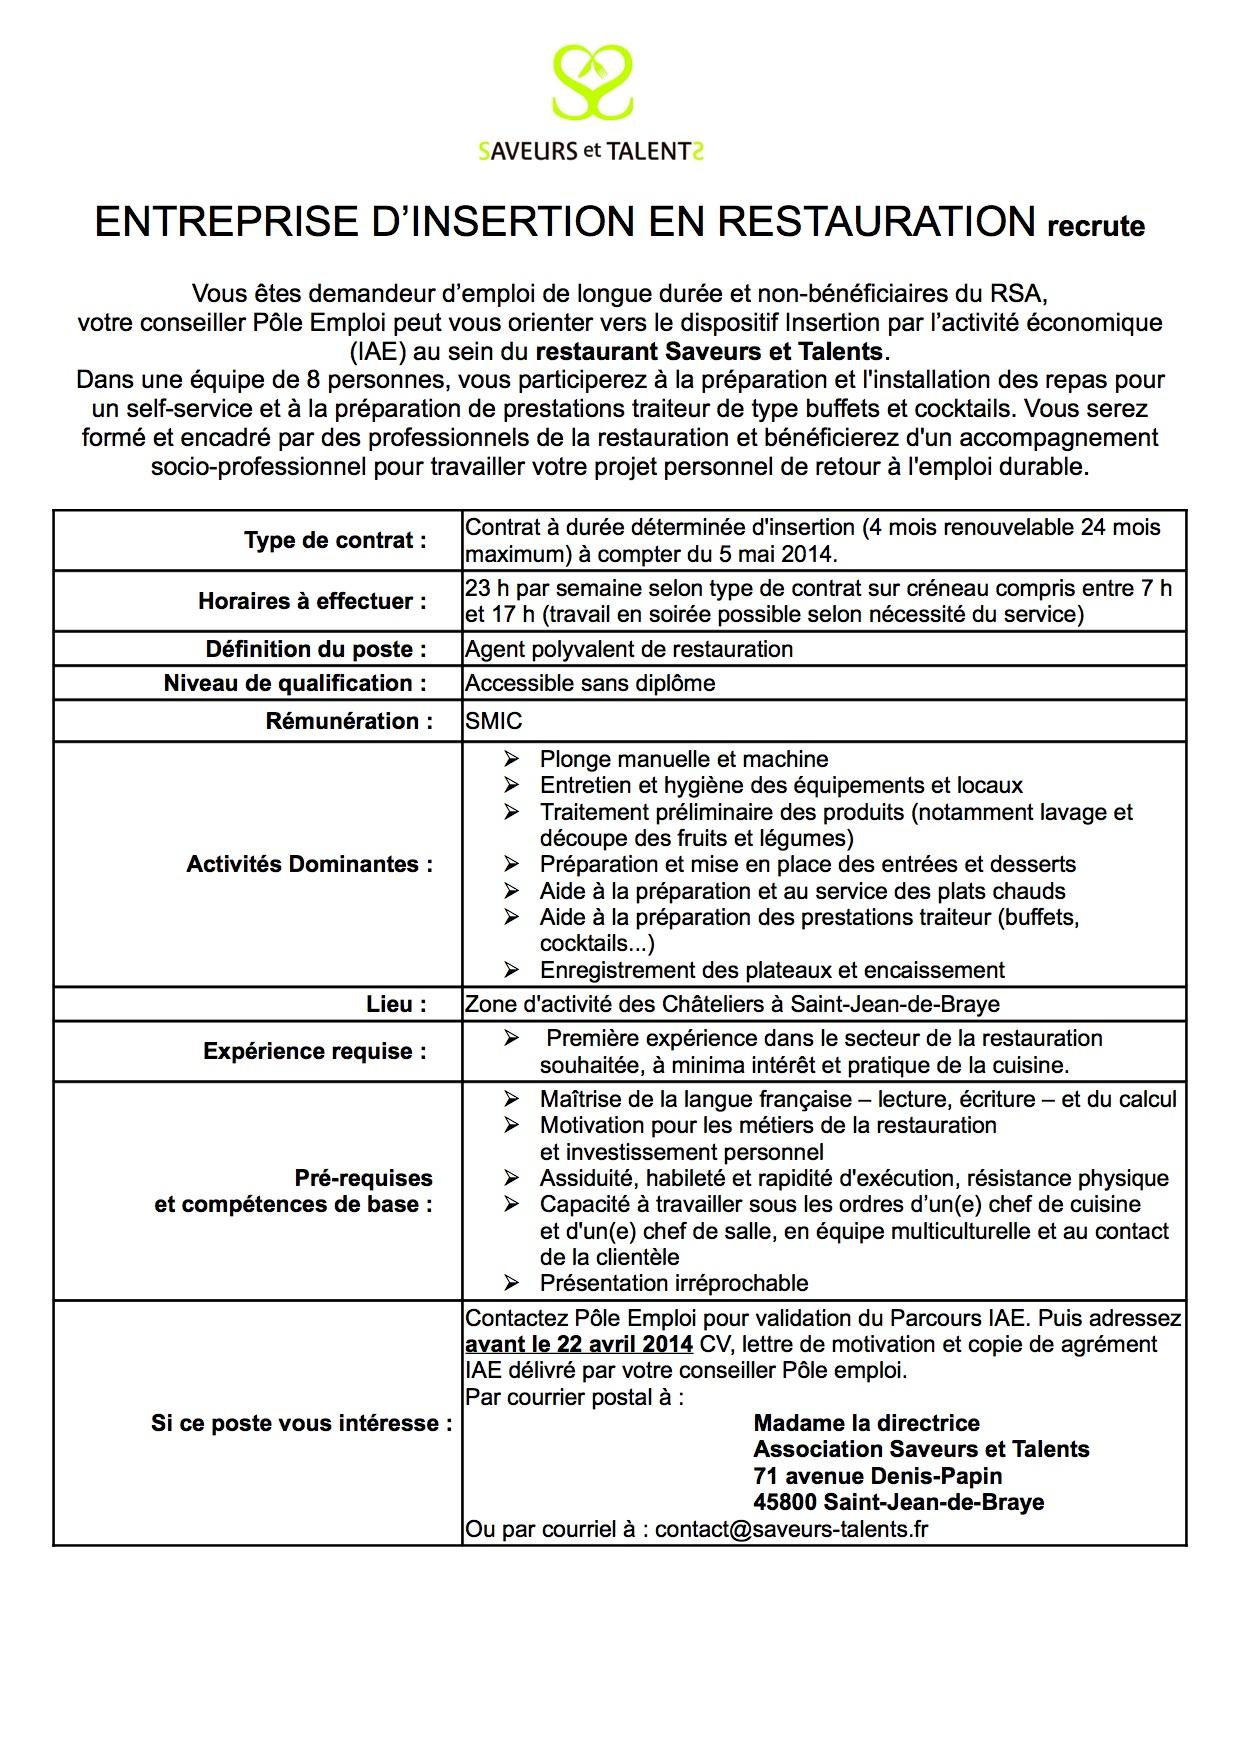 Recrutement non class association saveurs et talents for Offre emploi agent de restauration